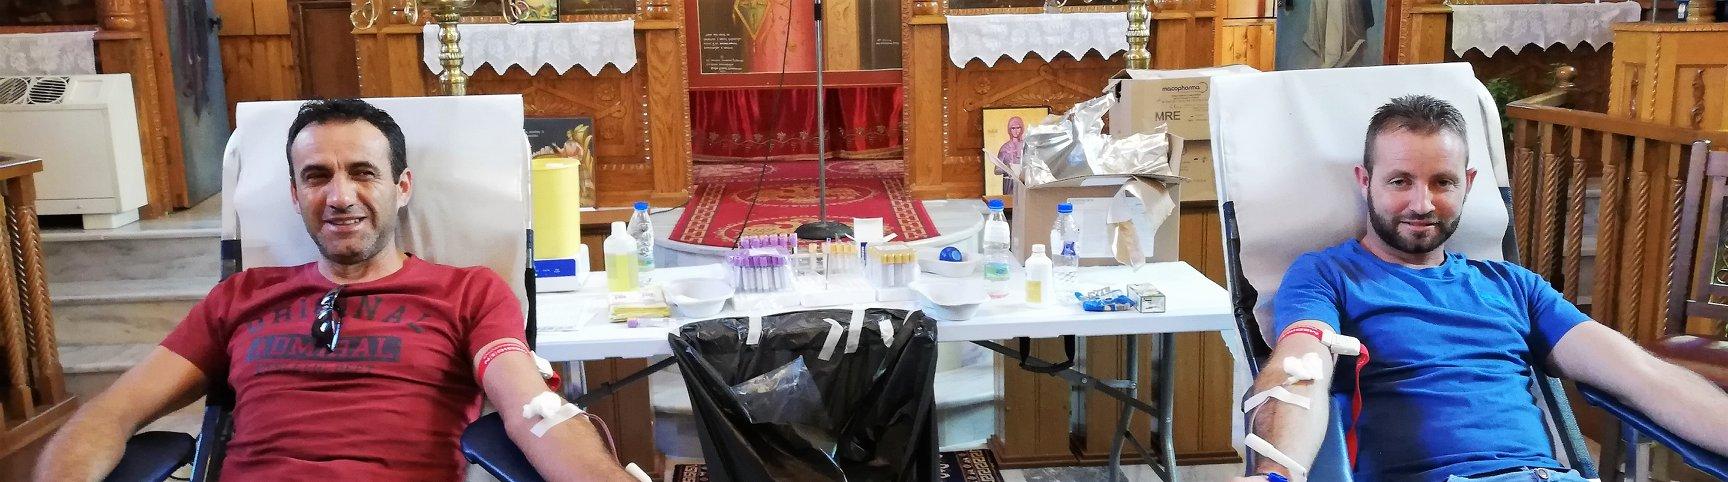 Ηλεία: Με πολύτιμες μονάδες αίματος αιμοδότησαν στην Ωλένη μέλη του Συλλόγου Εθελοντών Αιμοδοτών Ωλένης «Ο Φιλάρετος»,(Photos)